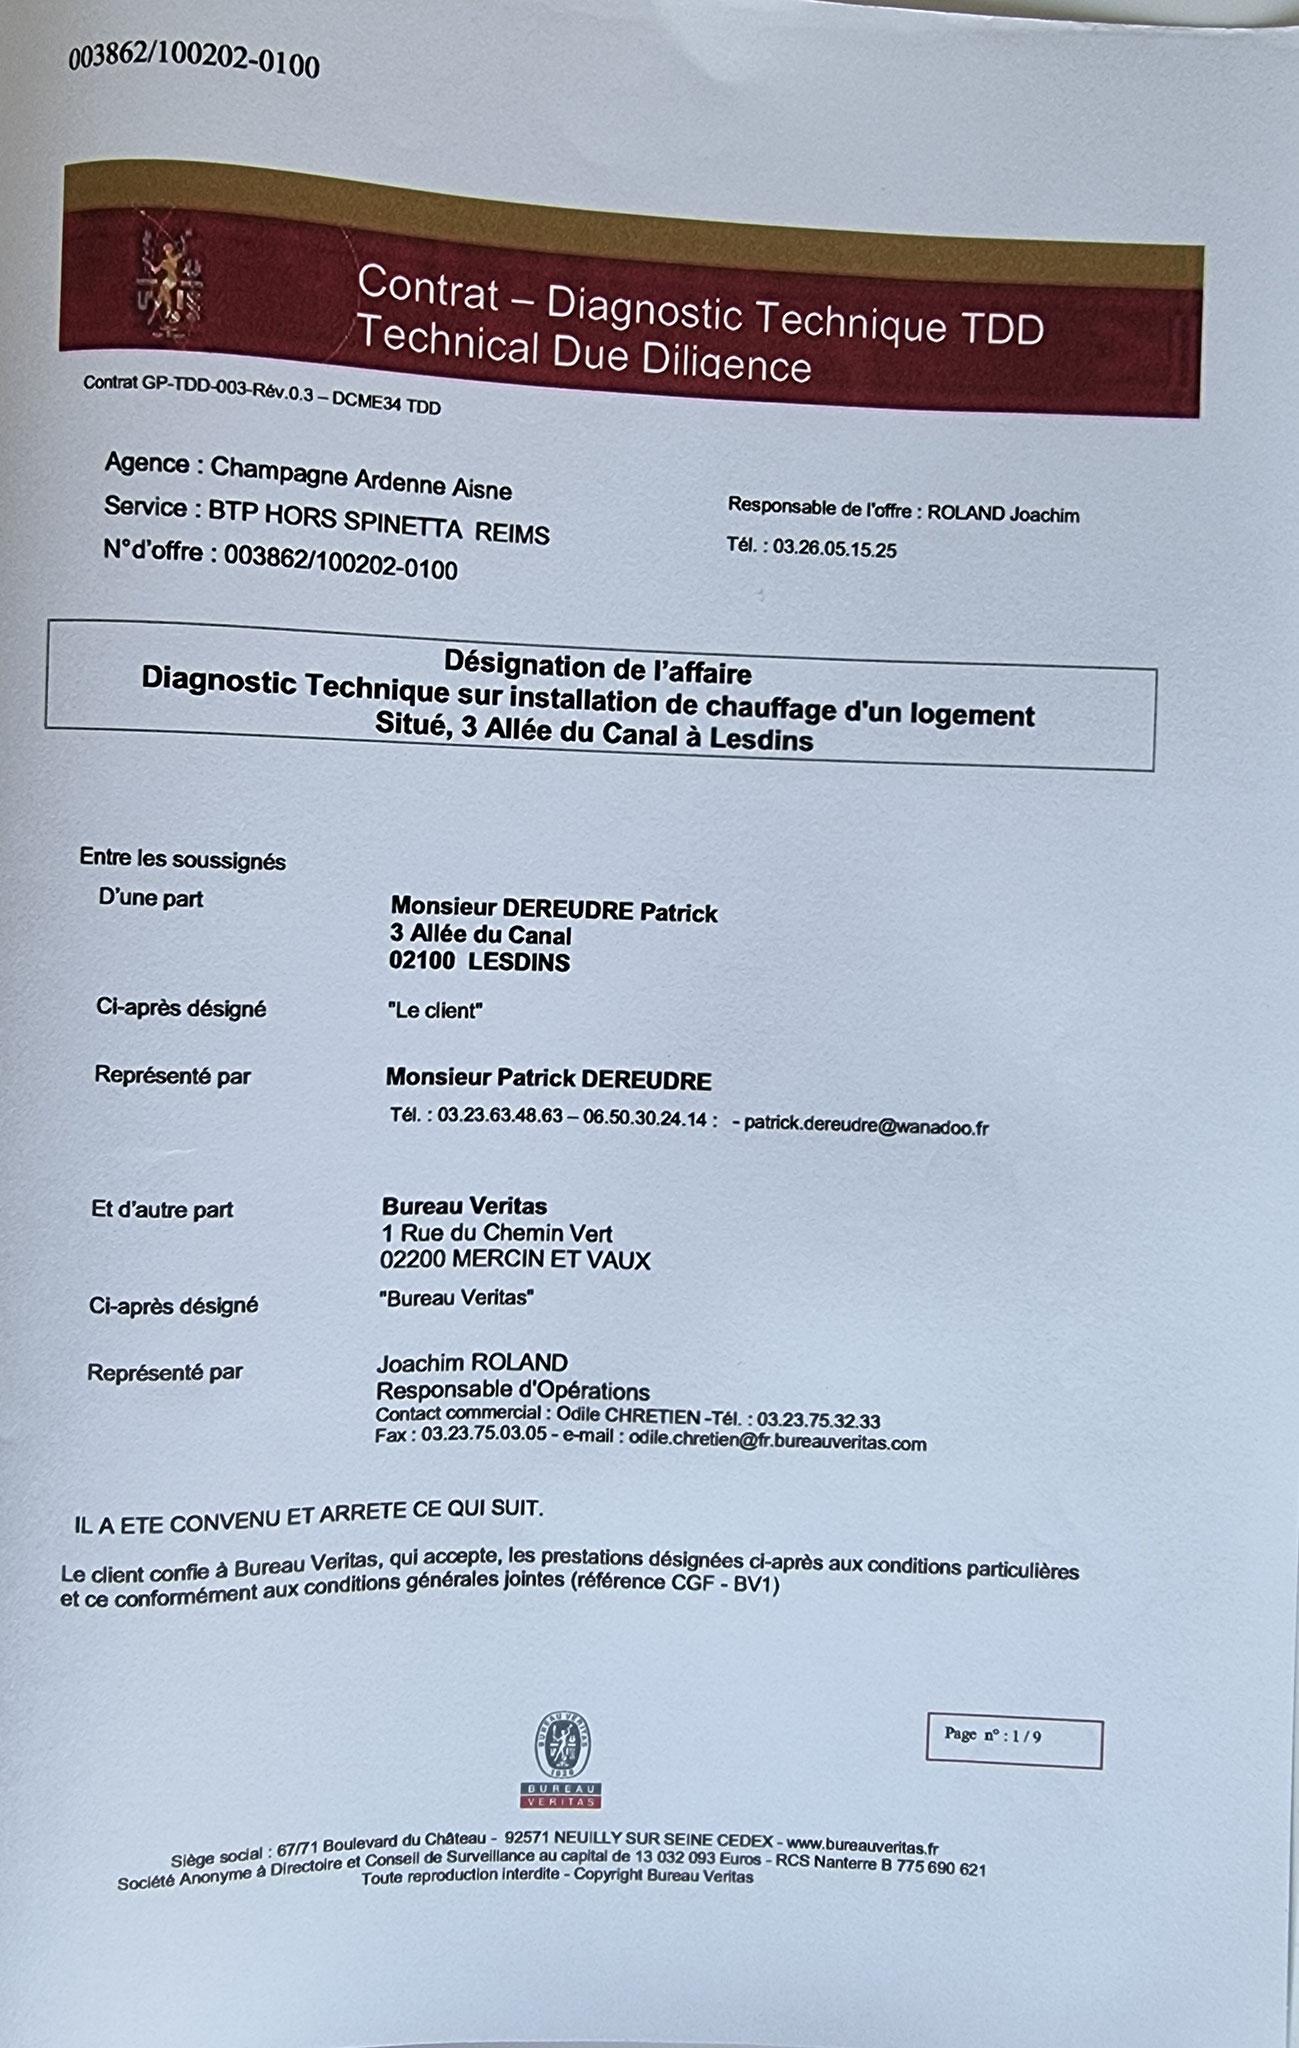 Le BUREAU VERITAS M'adresse par mail un devis pour une intervention en avril 2010. www.jesuisvictime.fr www.jesuispatrick.fr